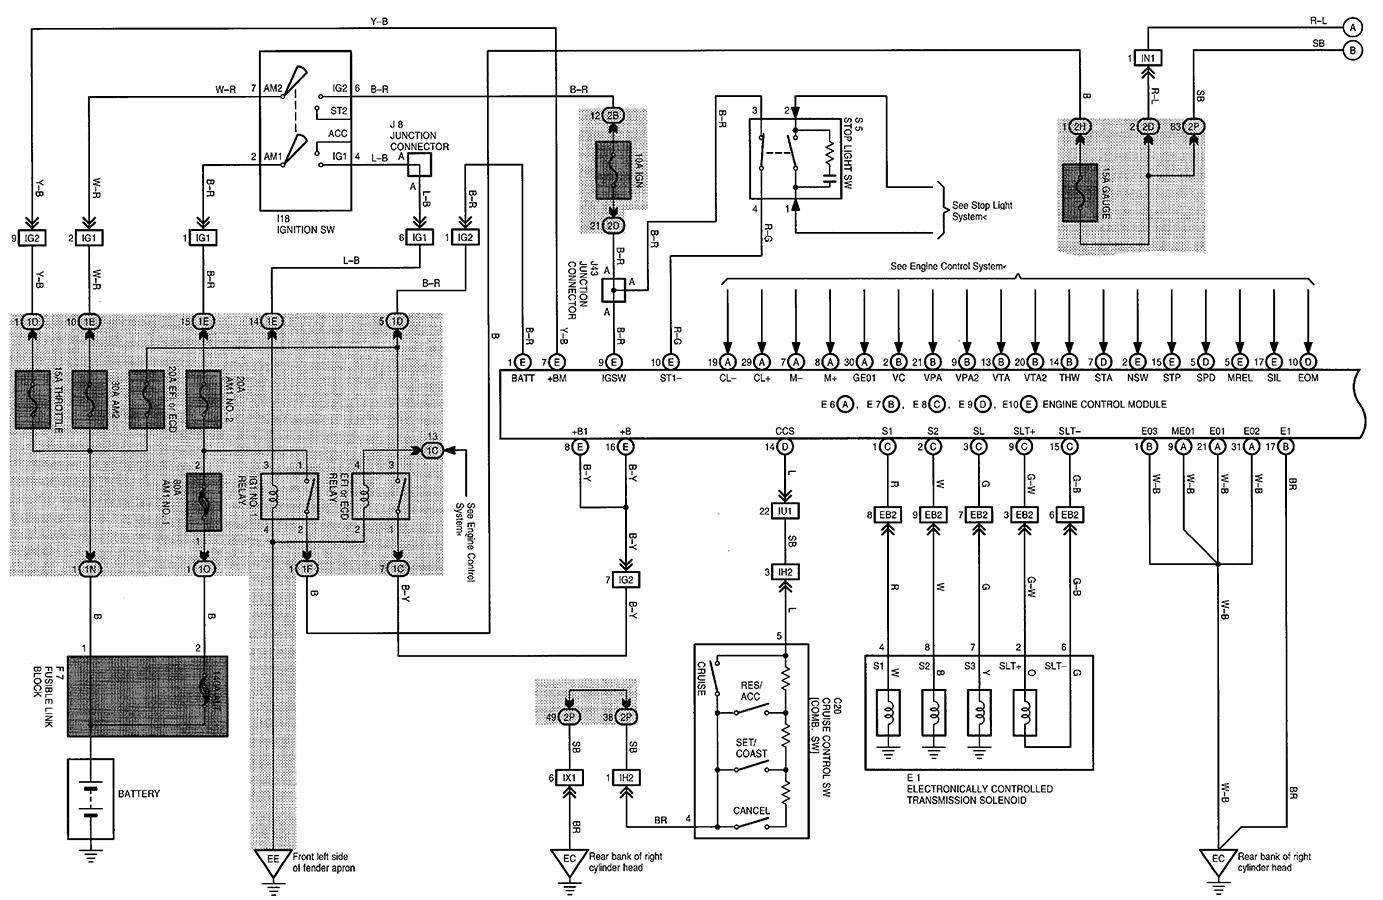 2000 lexus lx470 wiring diagram | wiring diagram |  ground-uranus.latinacoupon.it  wiring diagram